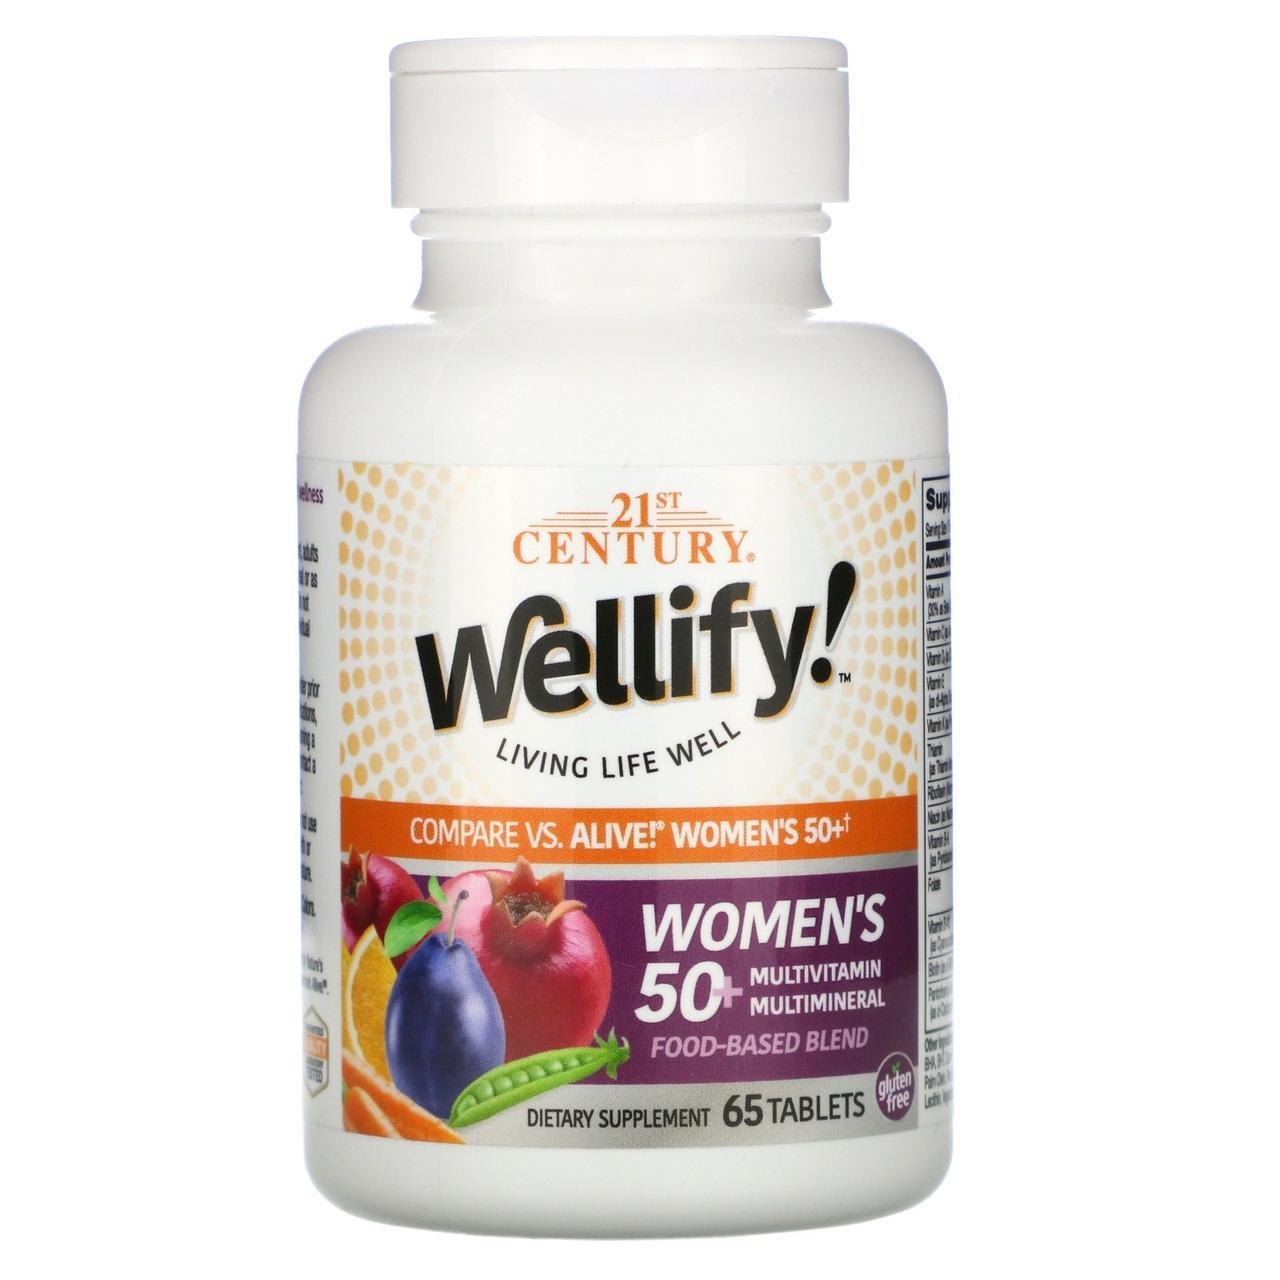 Витамины для женщин старше 50 лет, 21st Century, 65 таблеток